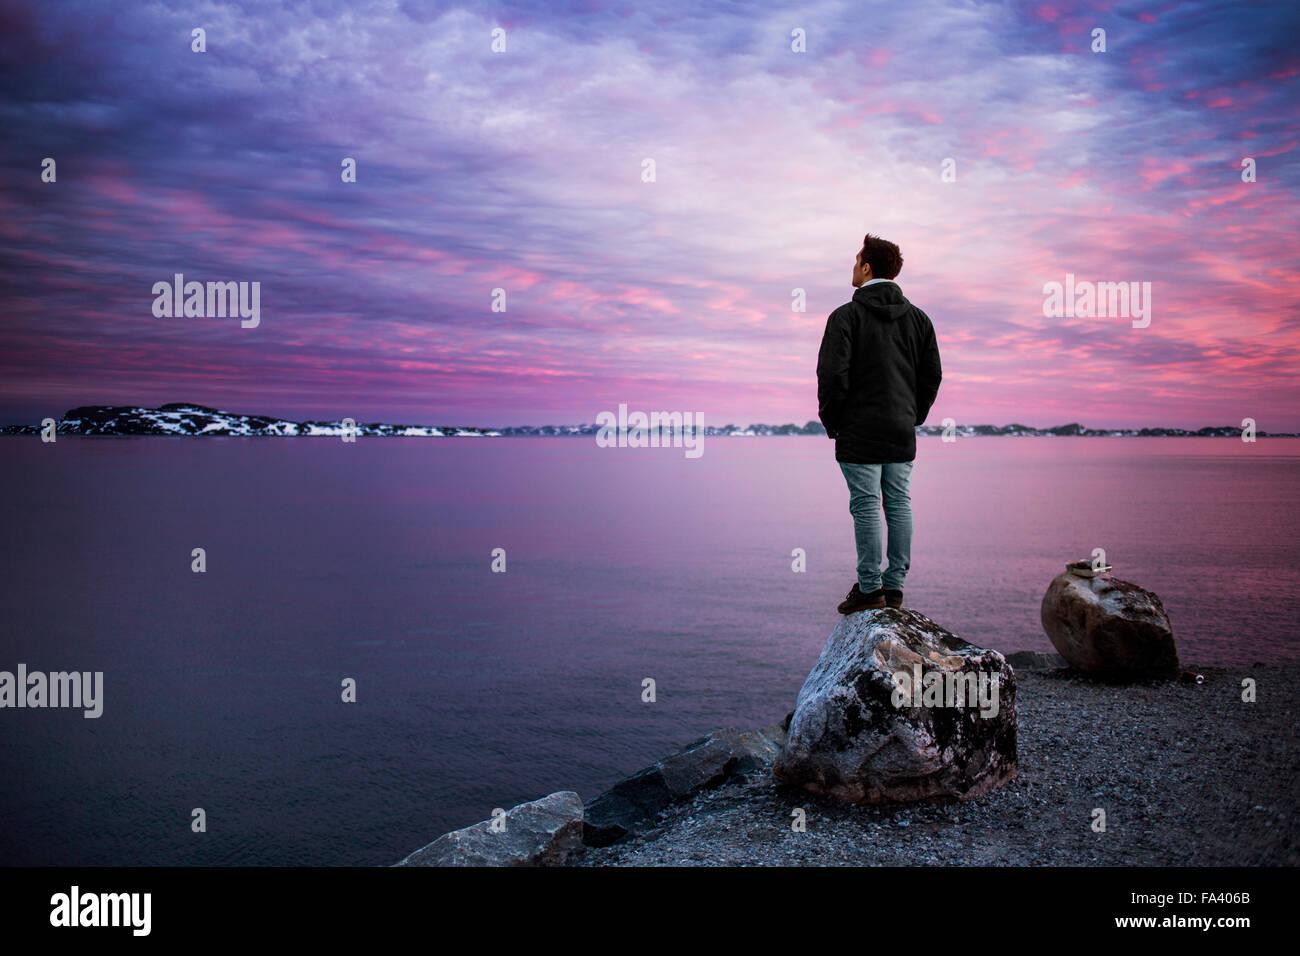 Lunghezza piena vista posteriore dell uomo in piedi sulla roccia affacciato sul mare durante il tramonto Immagini Stock